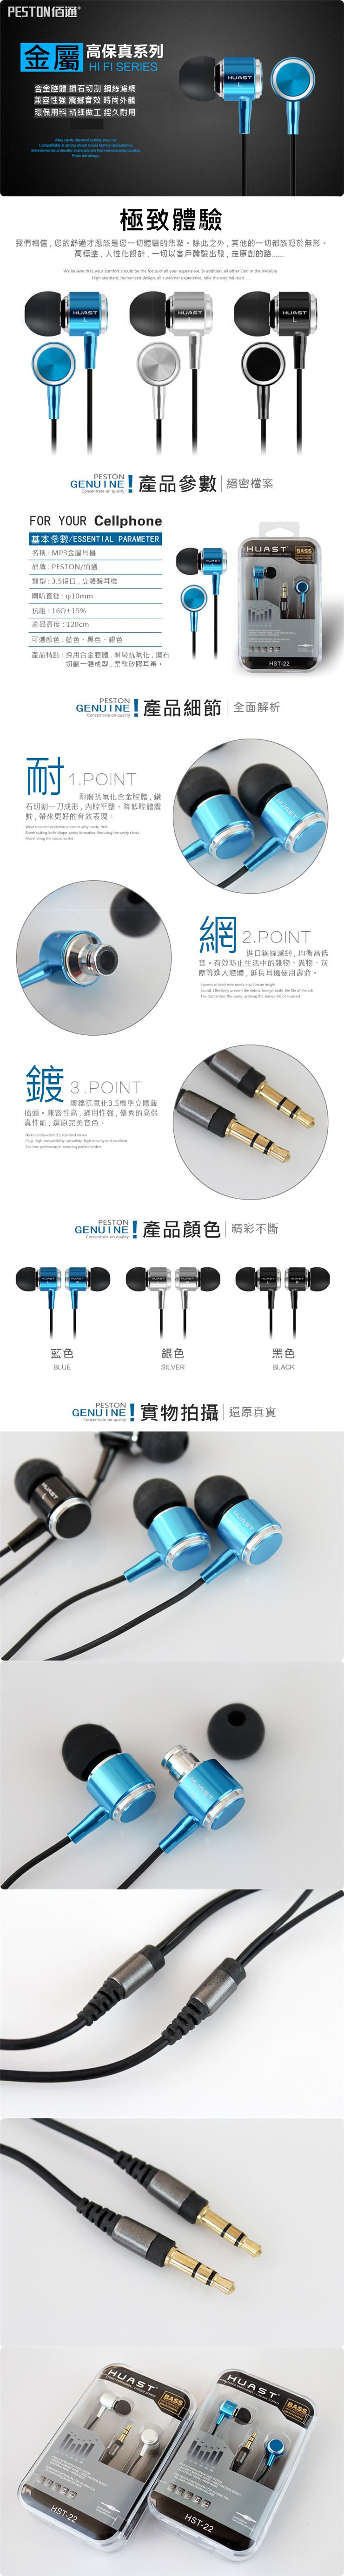 C0092 HST-22金屬MP3耳機長圖(沒mina)